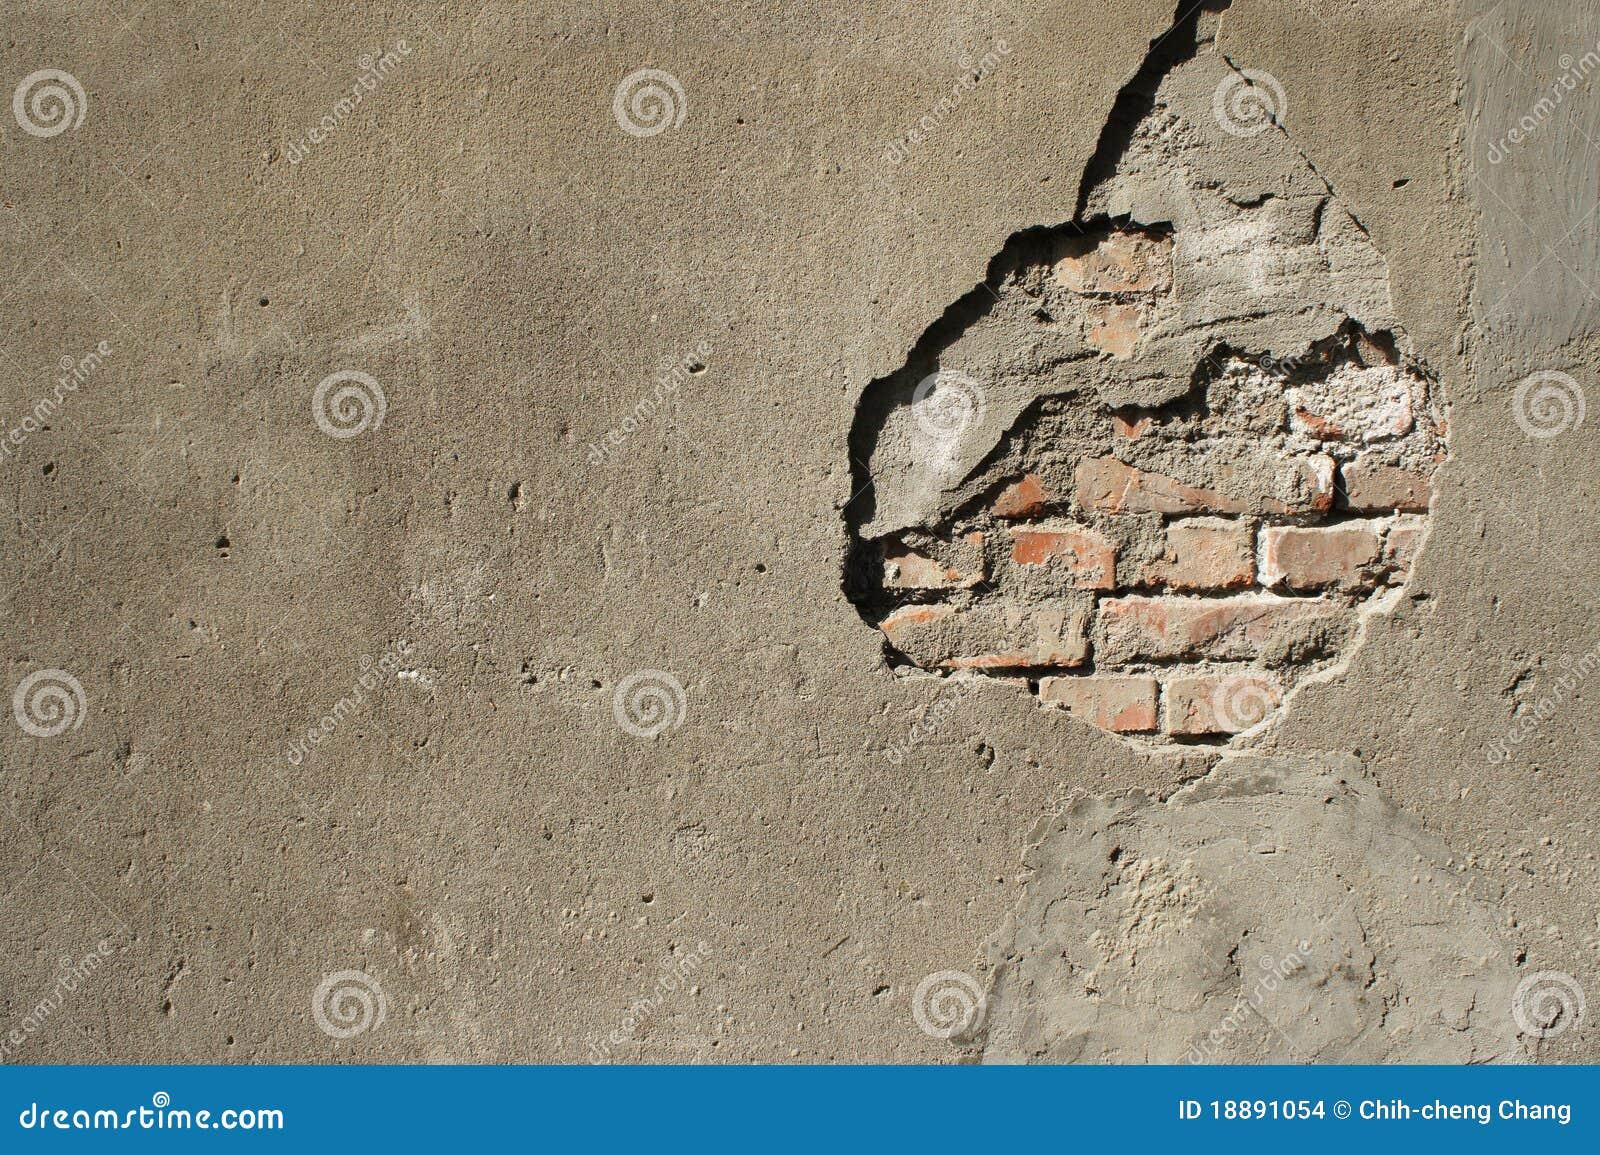 Broken Brick Wall Clipart